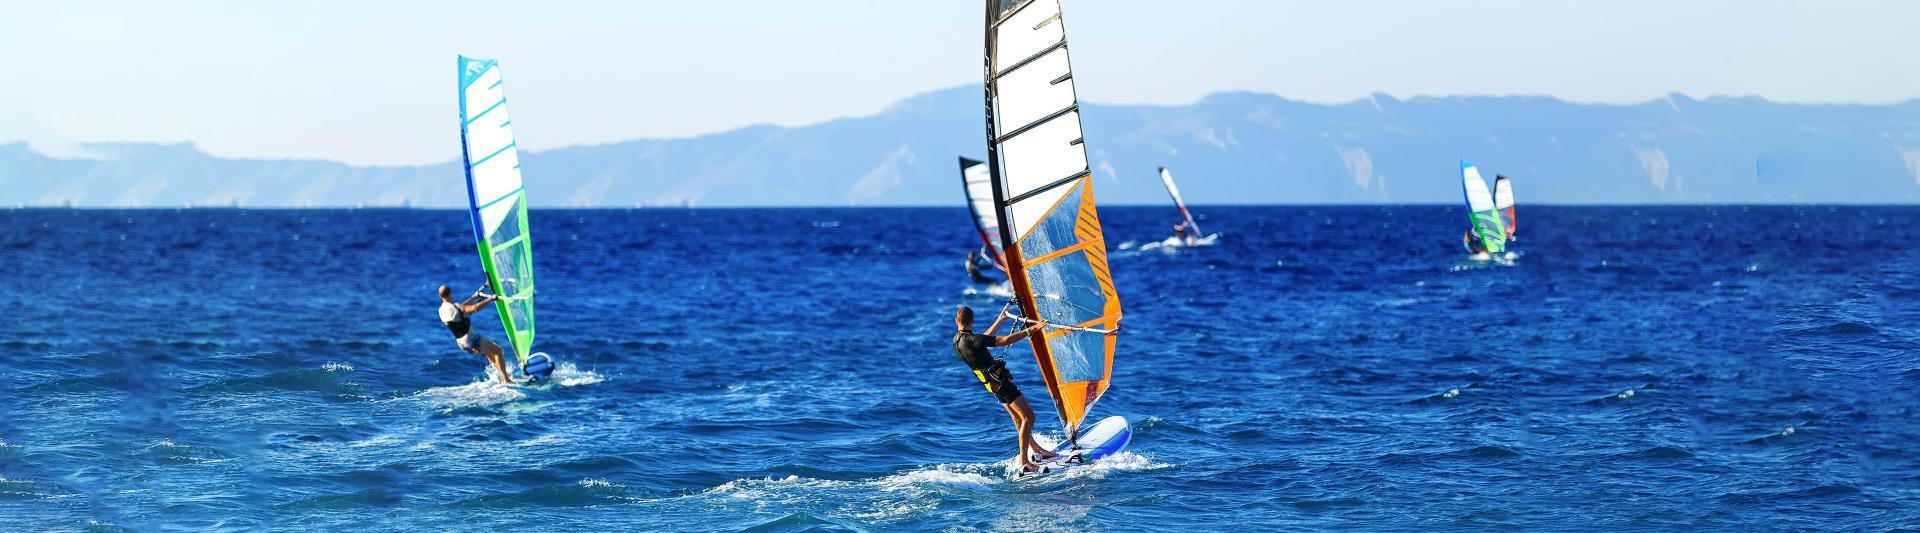 SelfService-Windsurfer